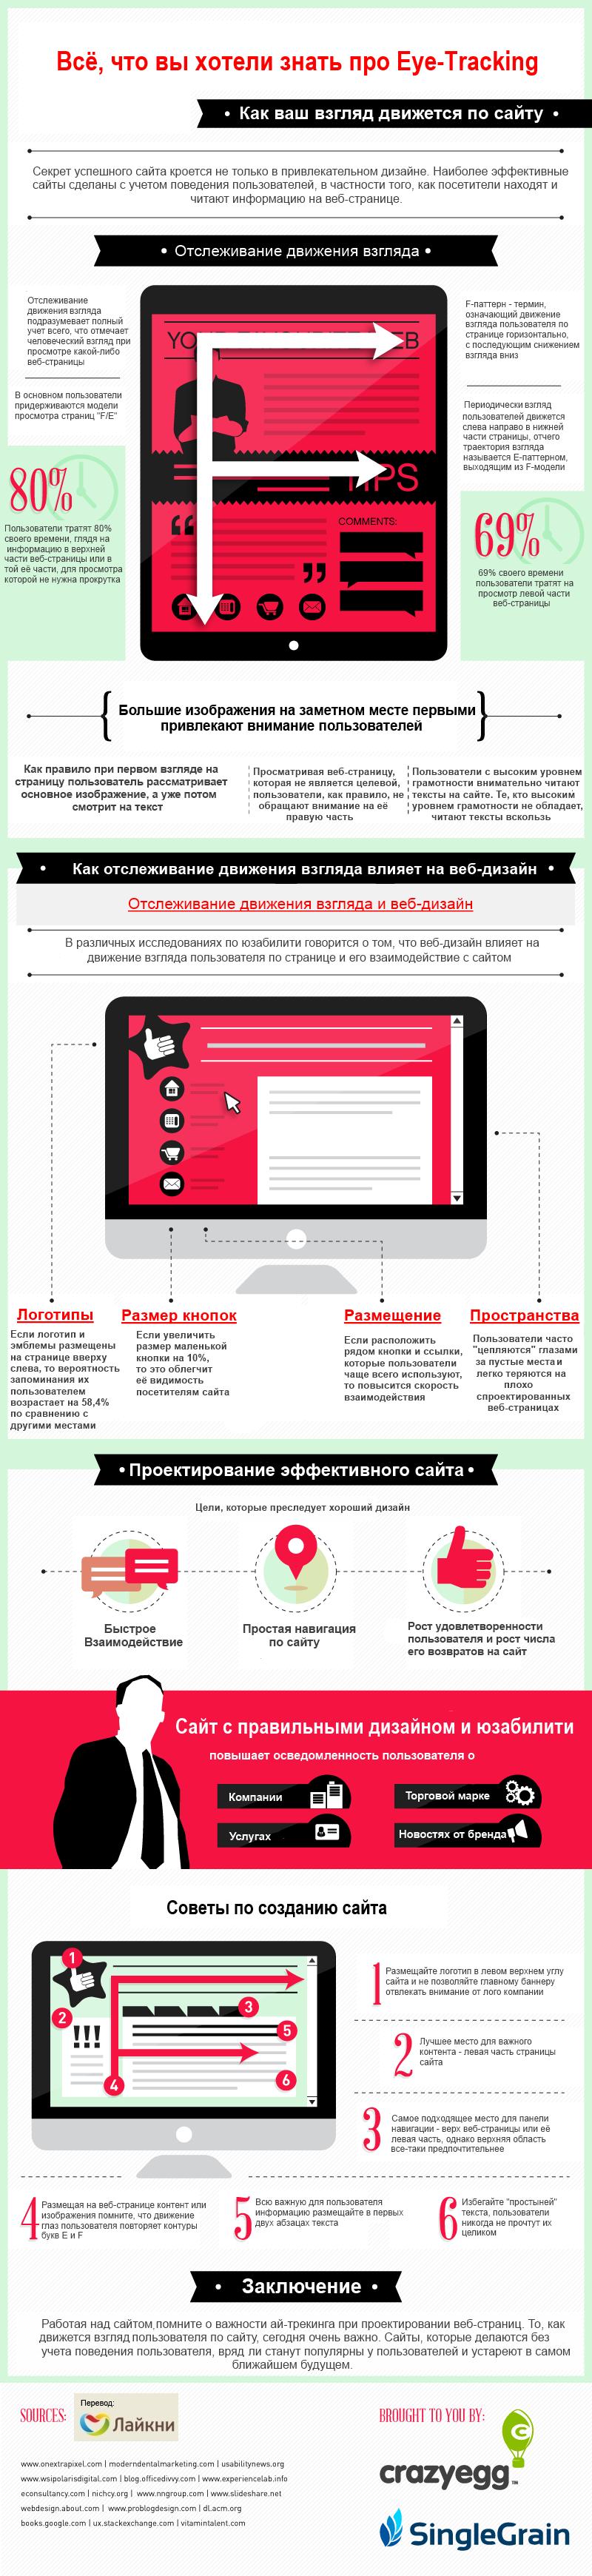 Инфографика: как наш взгляд перемещается по сайту